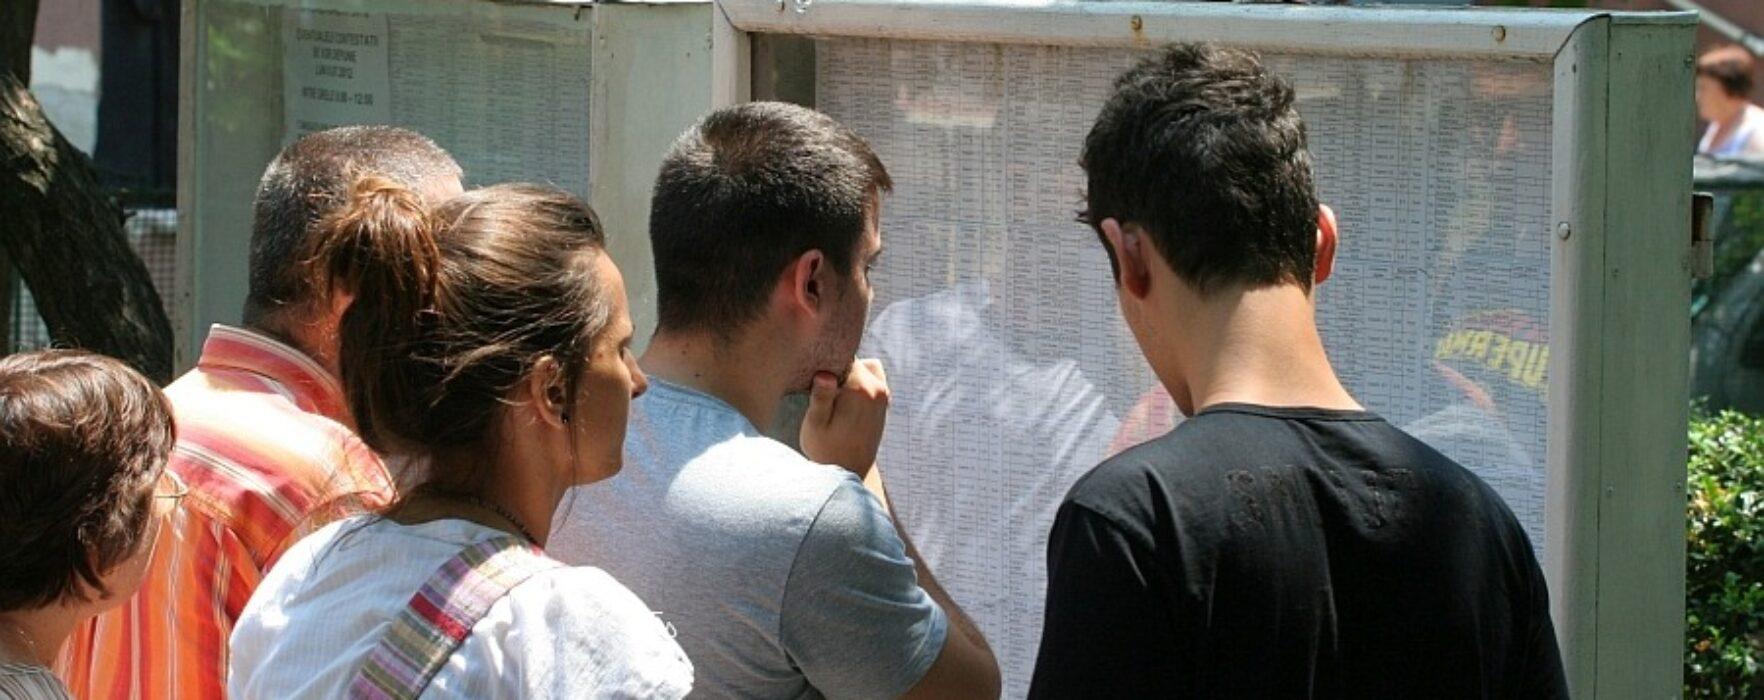 Promovabilitatea la bacalaureat a crescut cu un procent, în Dâmboviţa, după contestaţii